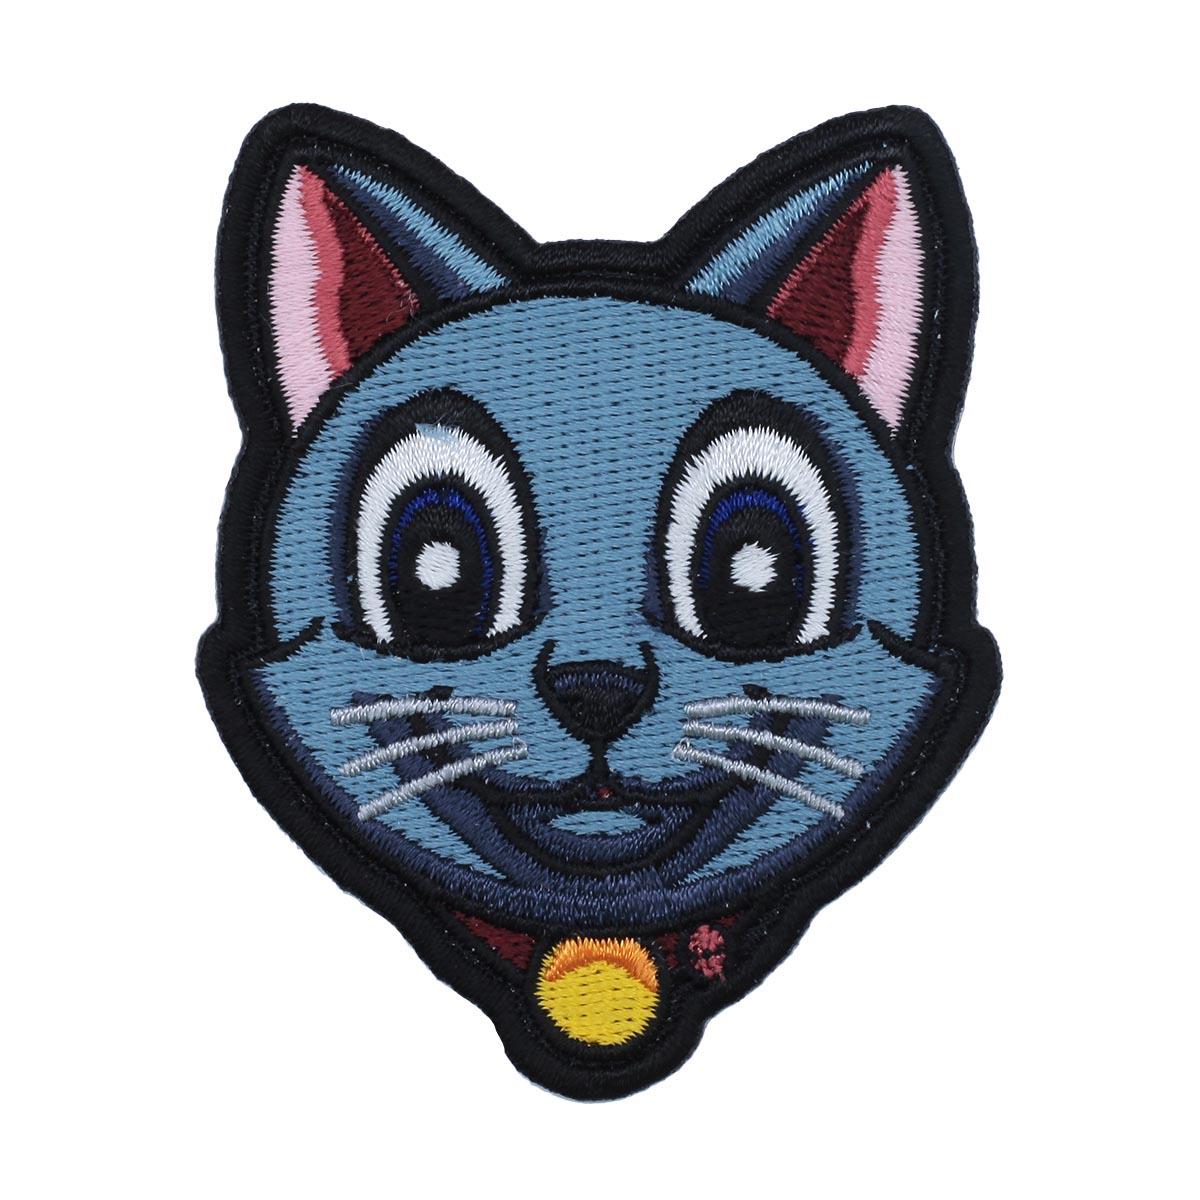 Термоаппликация 'Кот с медалью' 7*6см Hobby&Pro